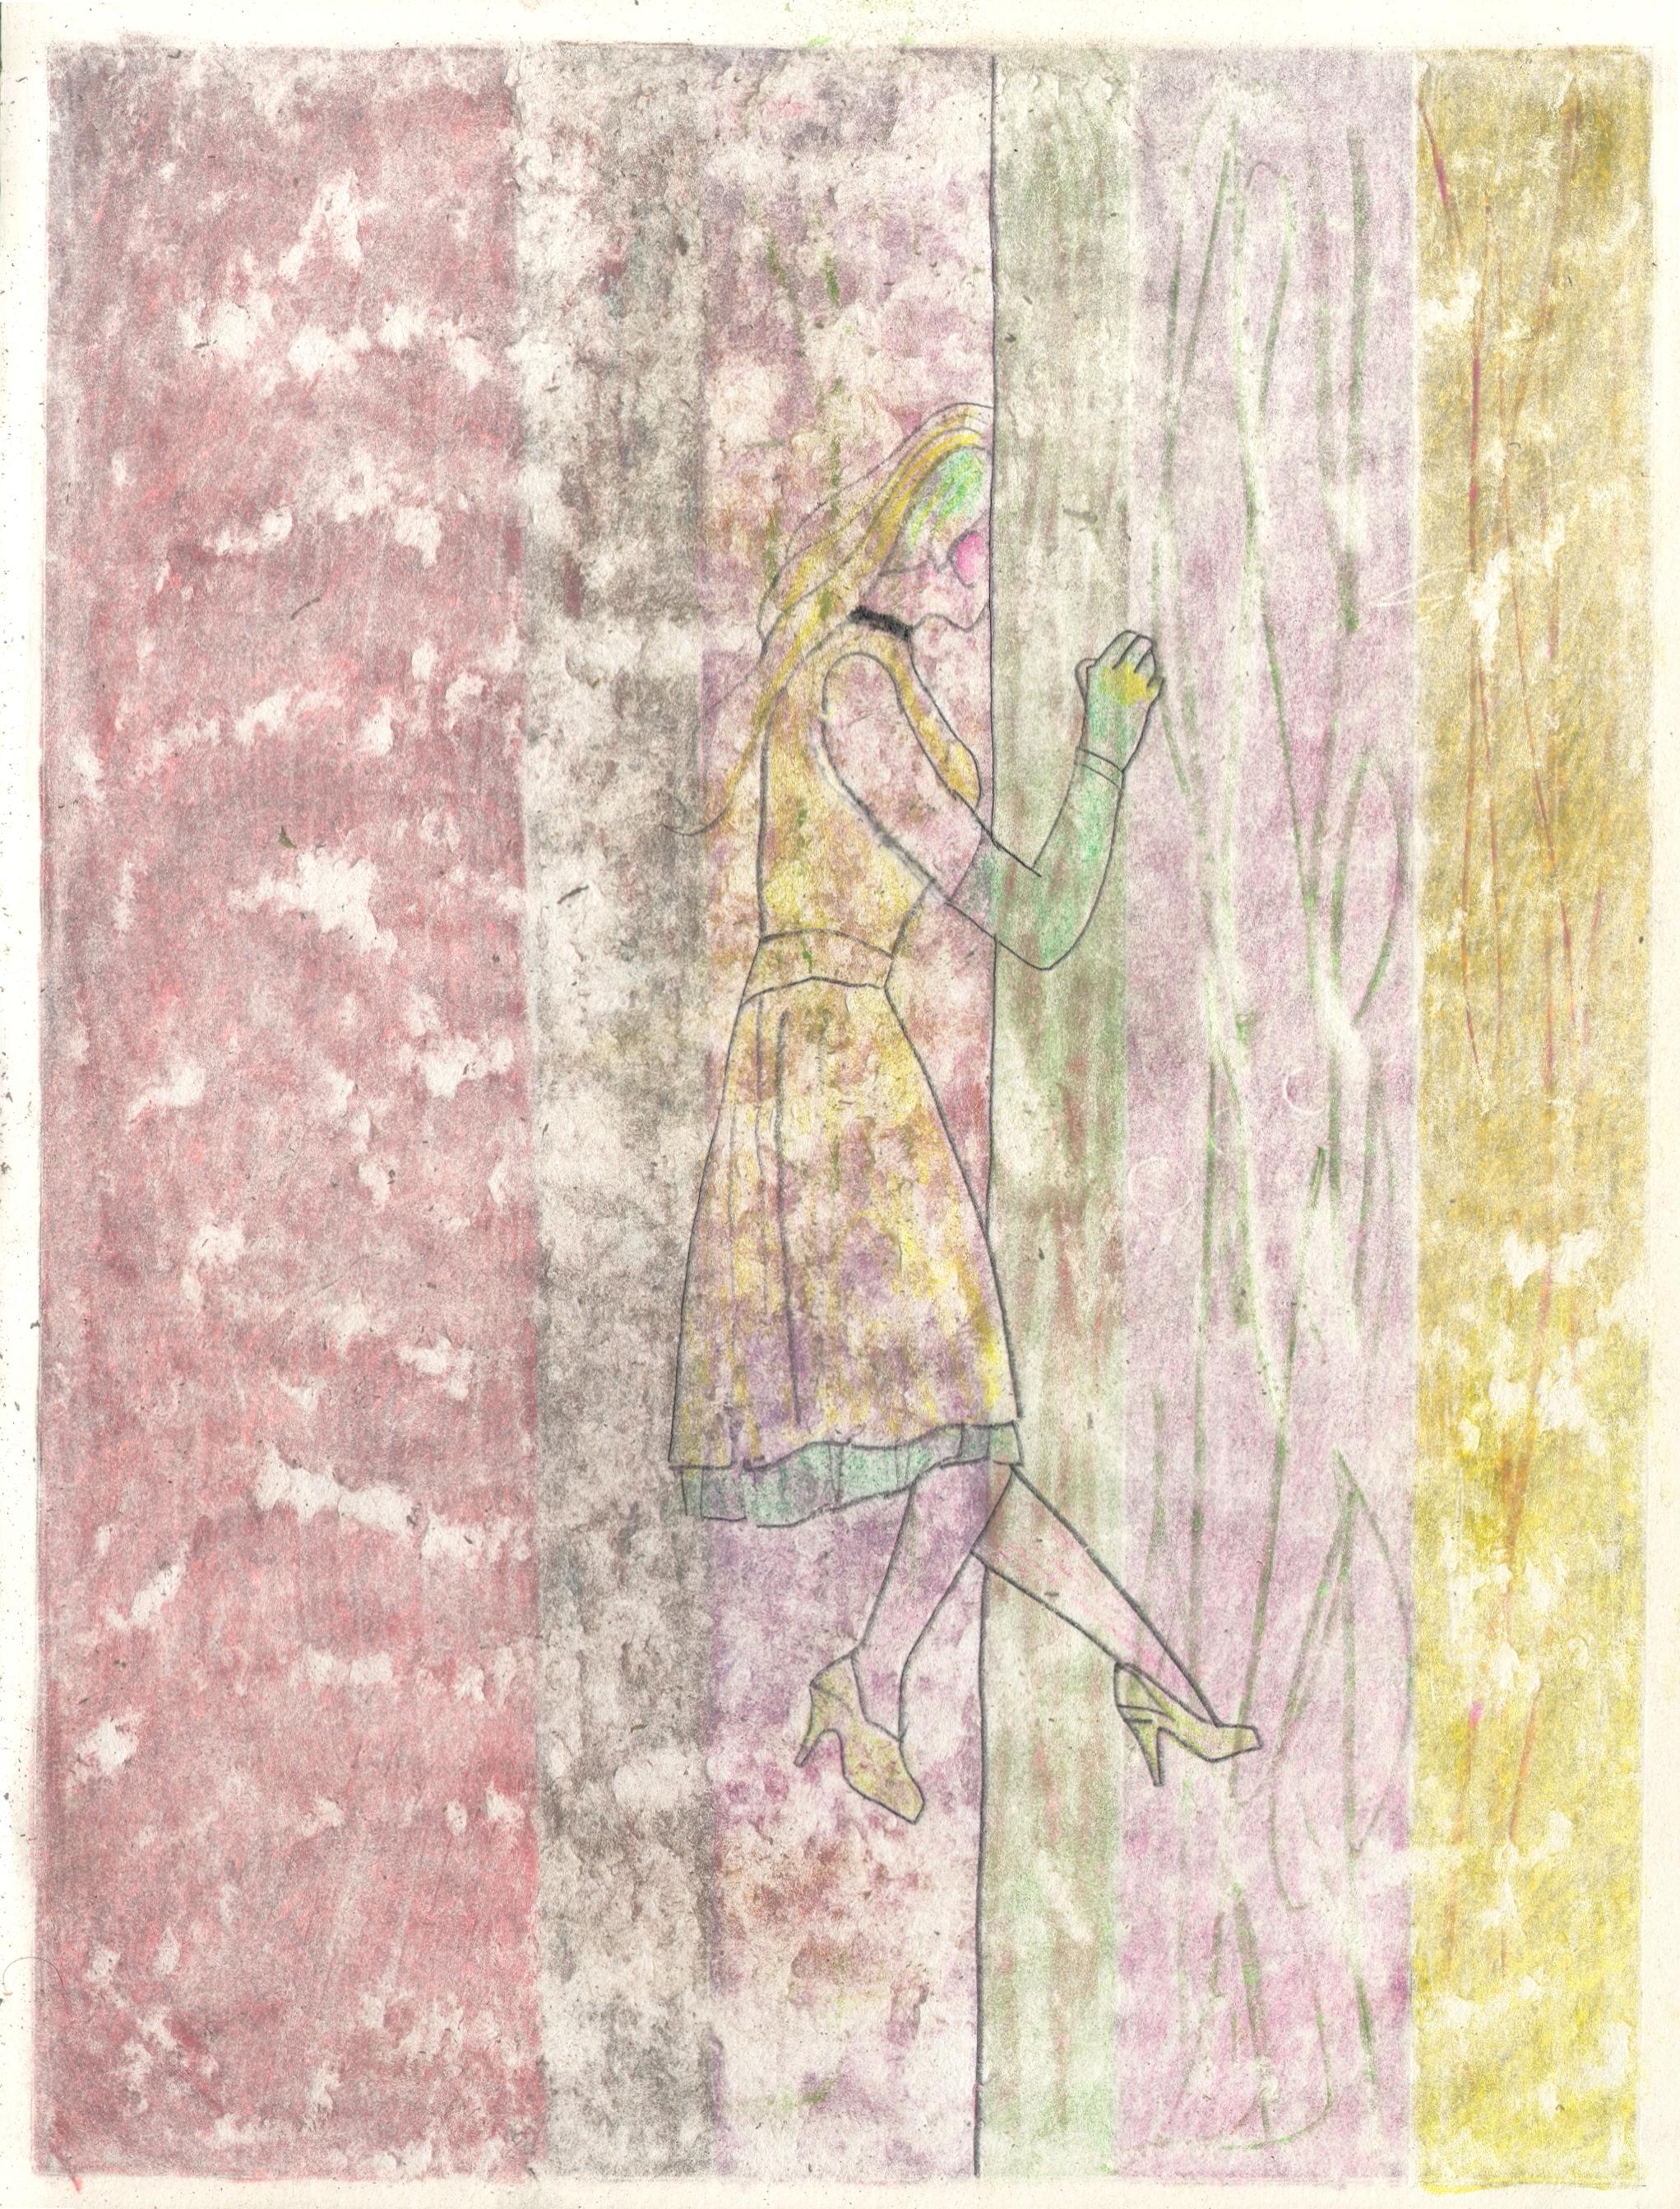 O.T. ( Frau und Vorhang ), 2019  Bleistift Buntstift auf Papier, 26x35.5cm